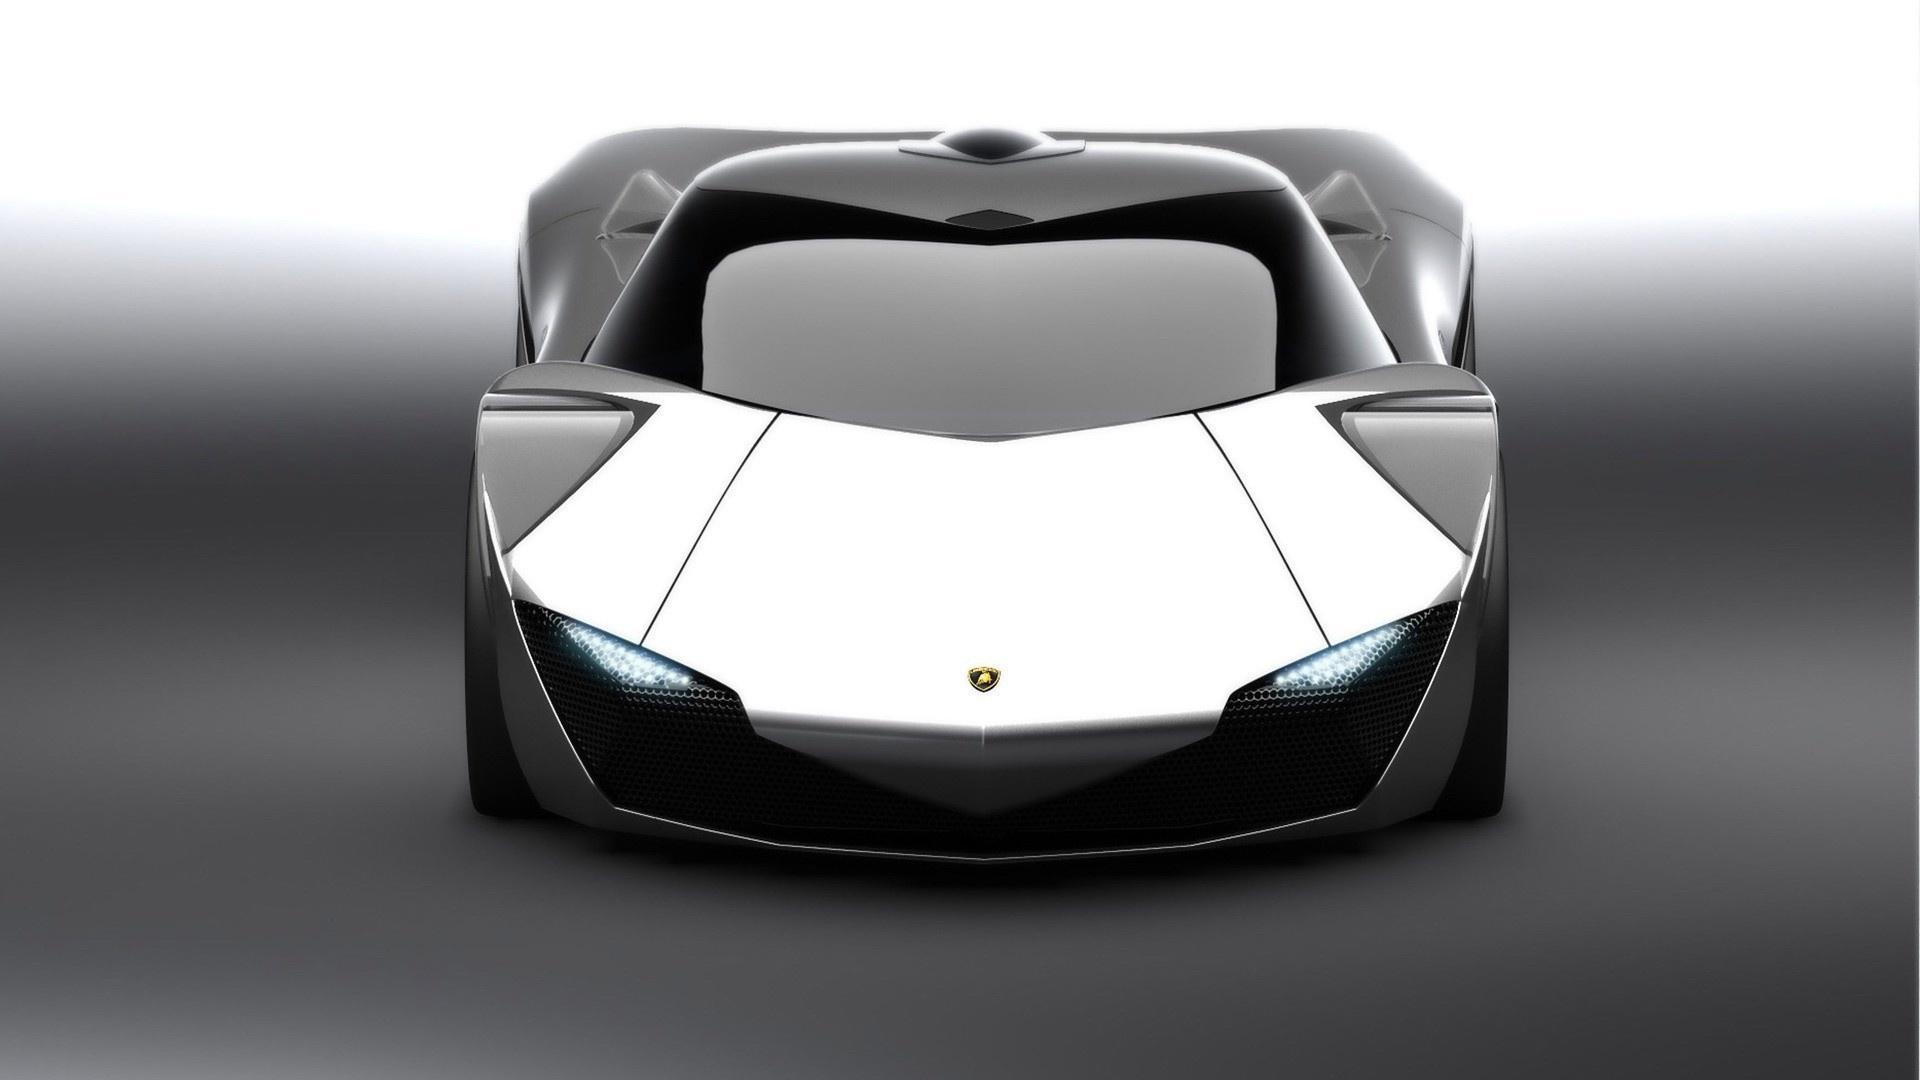 Серый автомобили машины авто 1920x1080